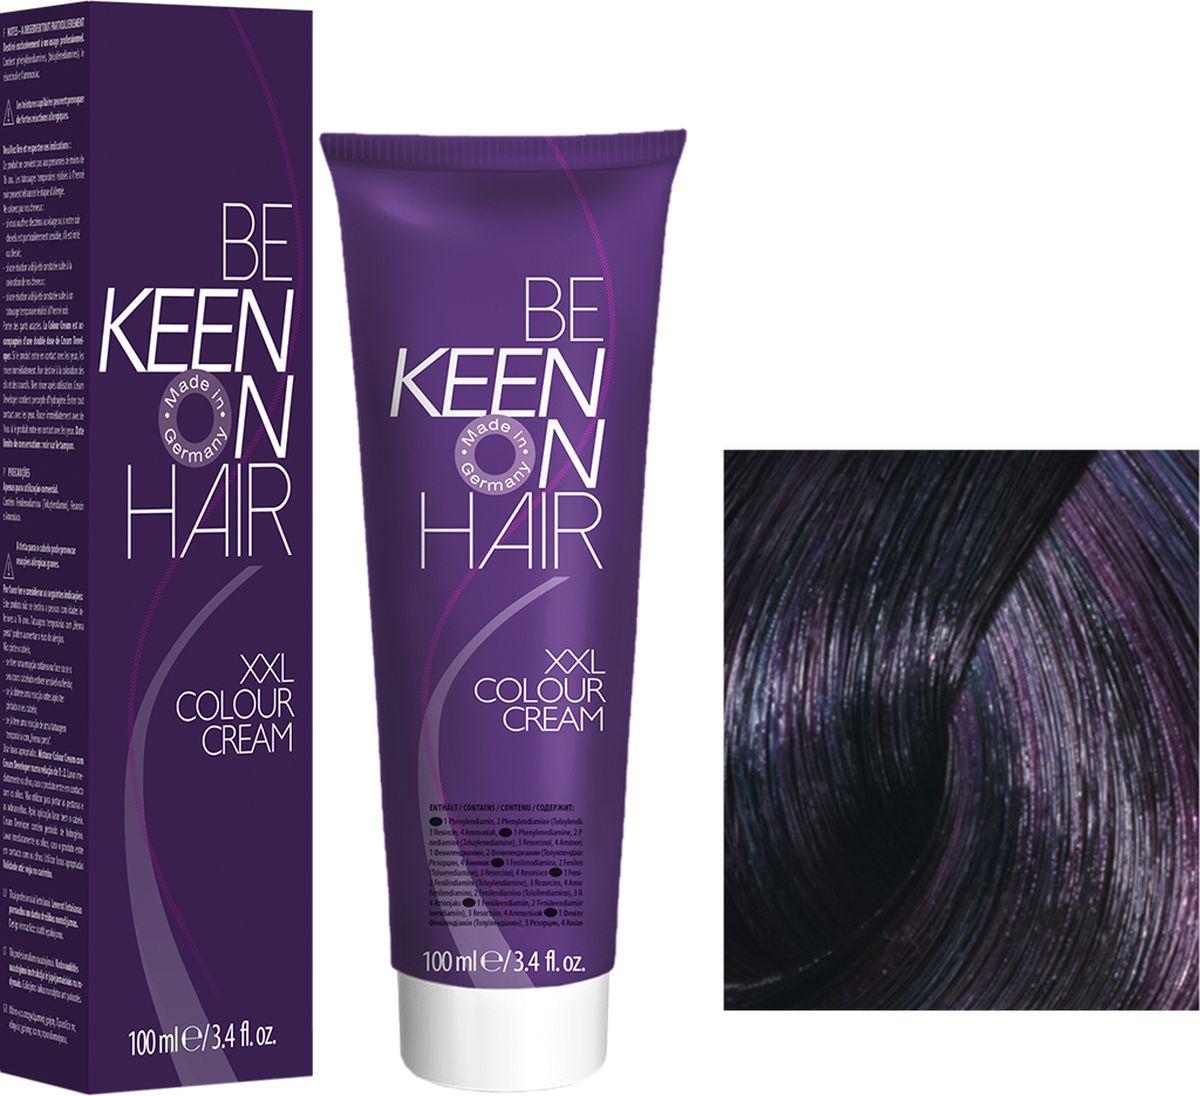 Keen Краска для волос 0.8 Синий Mixton Blau, 100 мл69100007МИКСТОНА используют для:Усиления интенсивности соответствующих цветовых нюансовКорректировки цветаИзменения направления цвета